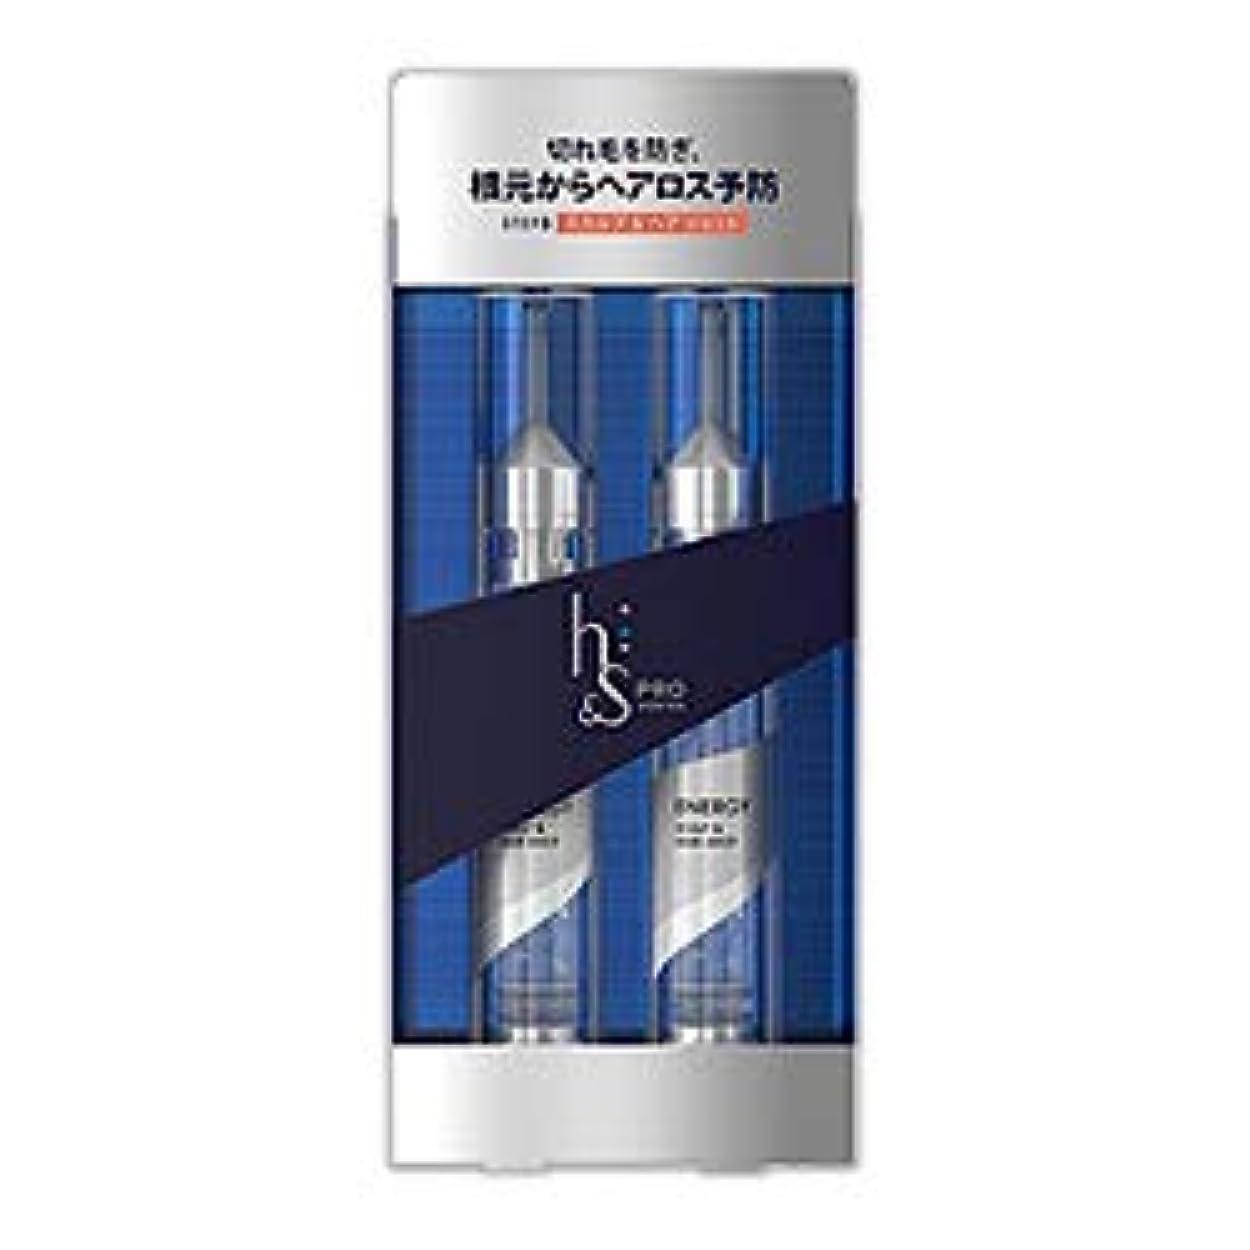 傷跡スライス引退した【P&G】h&s PRO Series (プロシリーズ) エナジー スカルプ&ヘア ショット 15ml×2本 ×18個セット